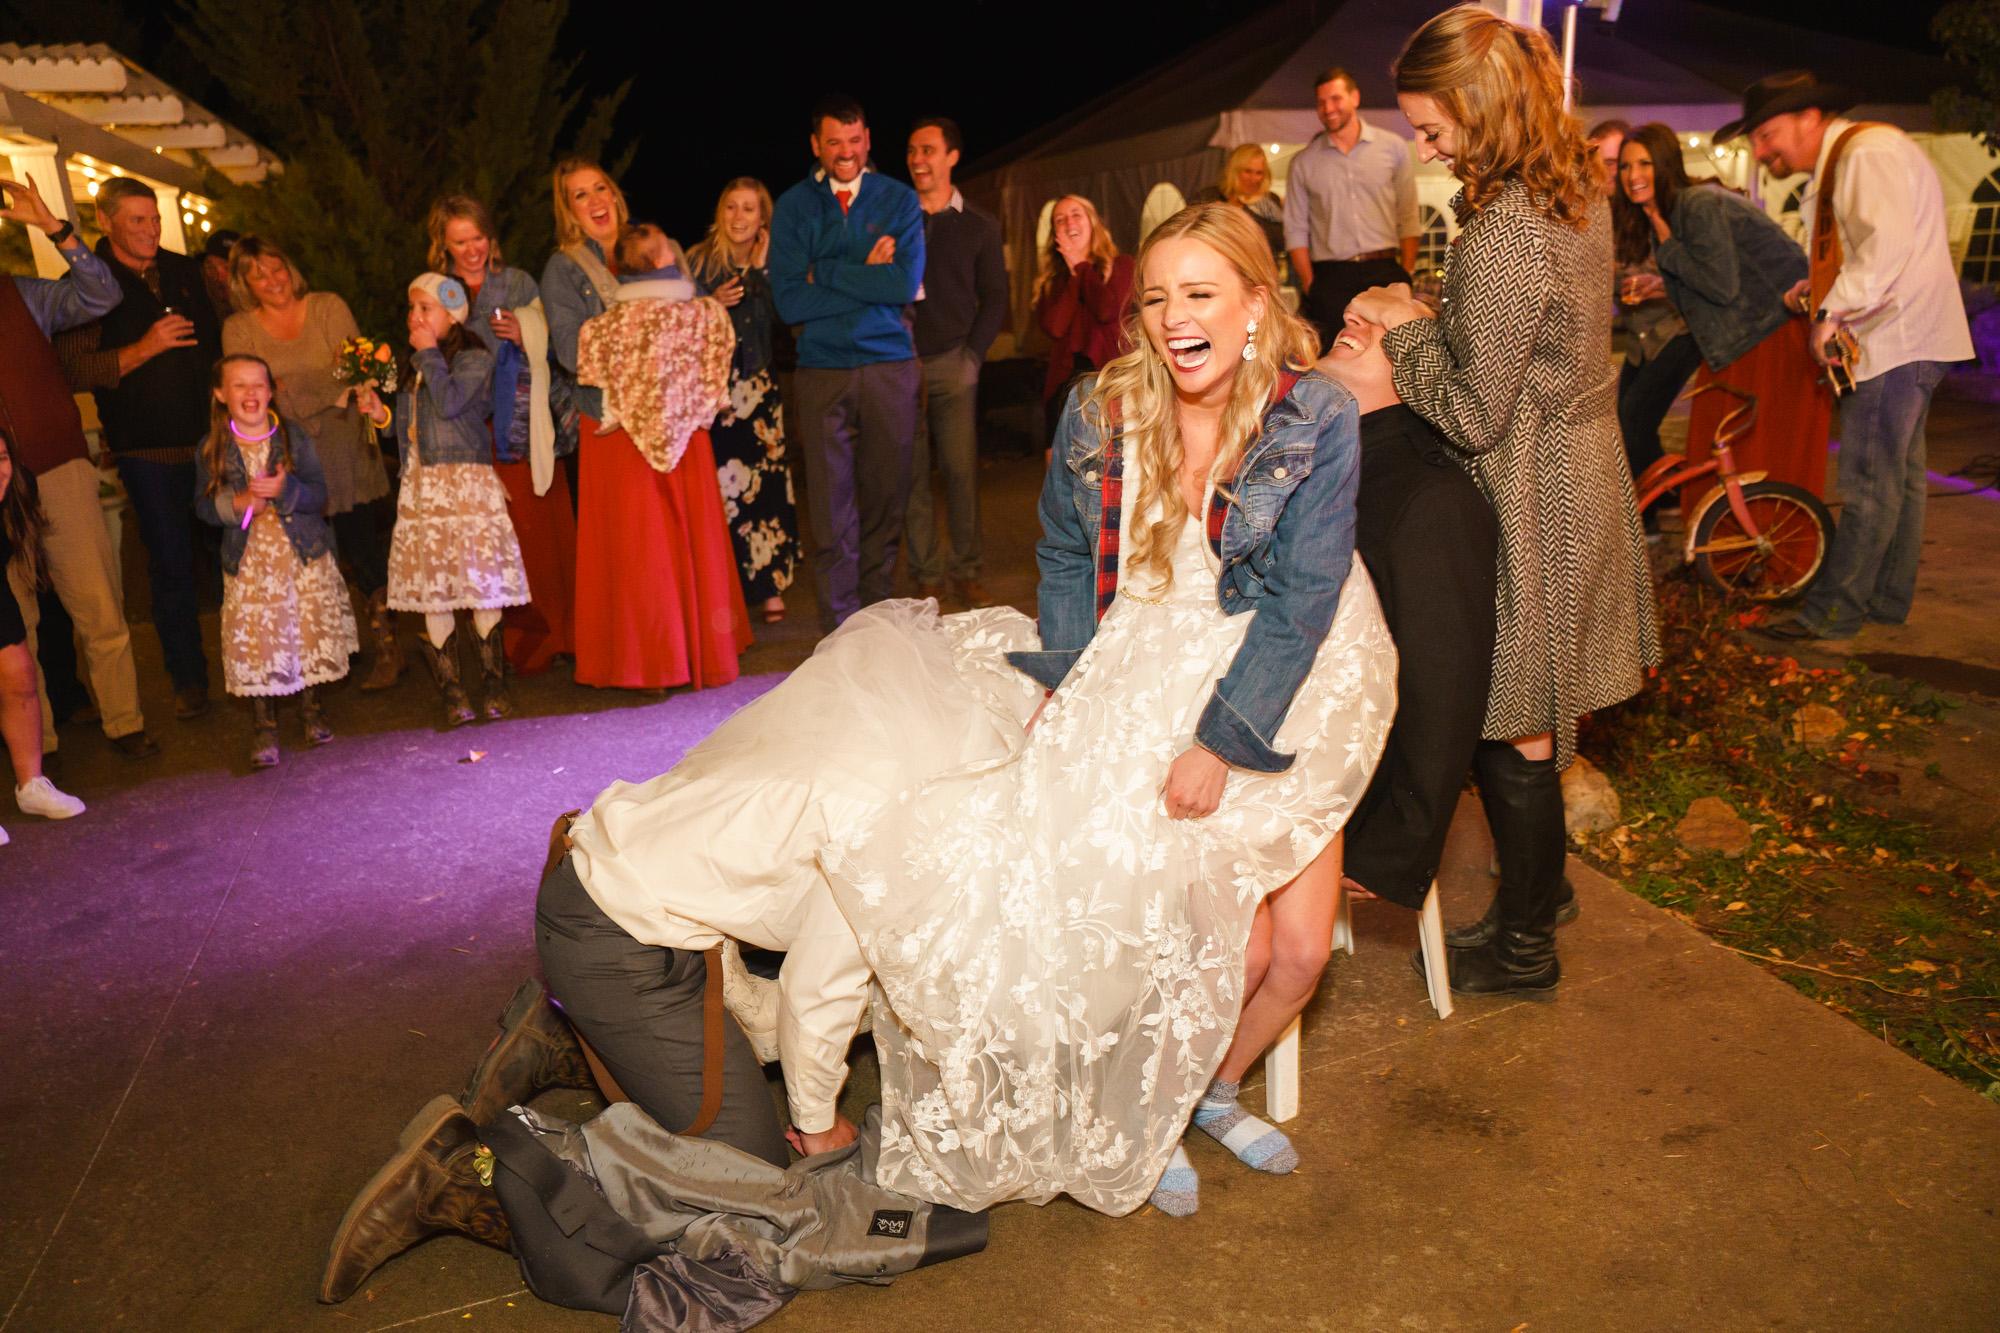 garter toss spokane real wedding image